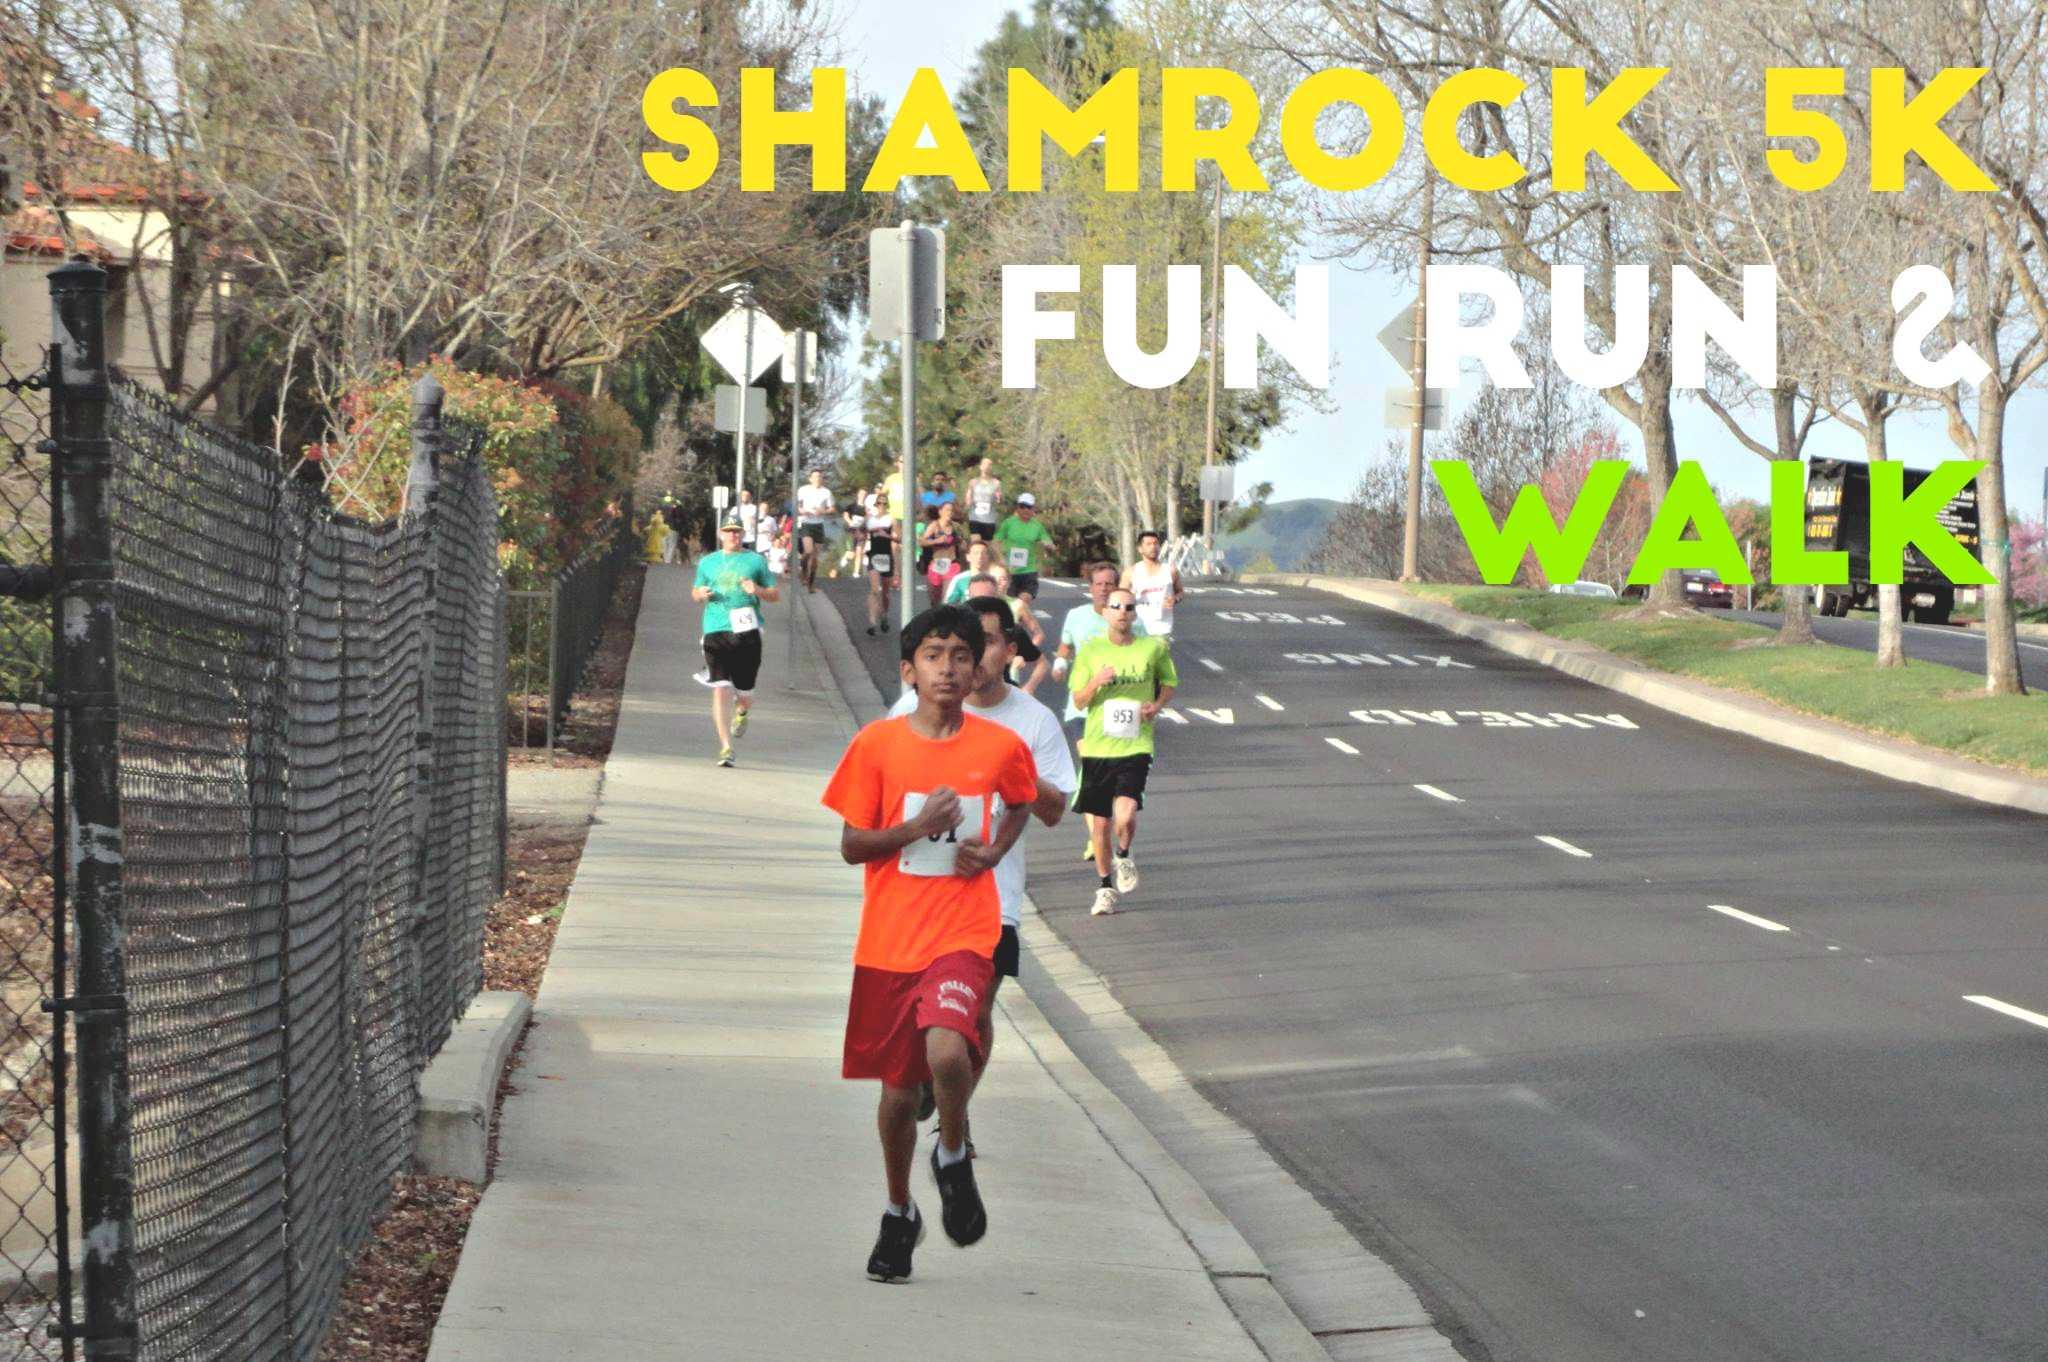 Shamrock 5K Fun Run and Walk